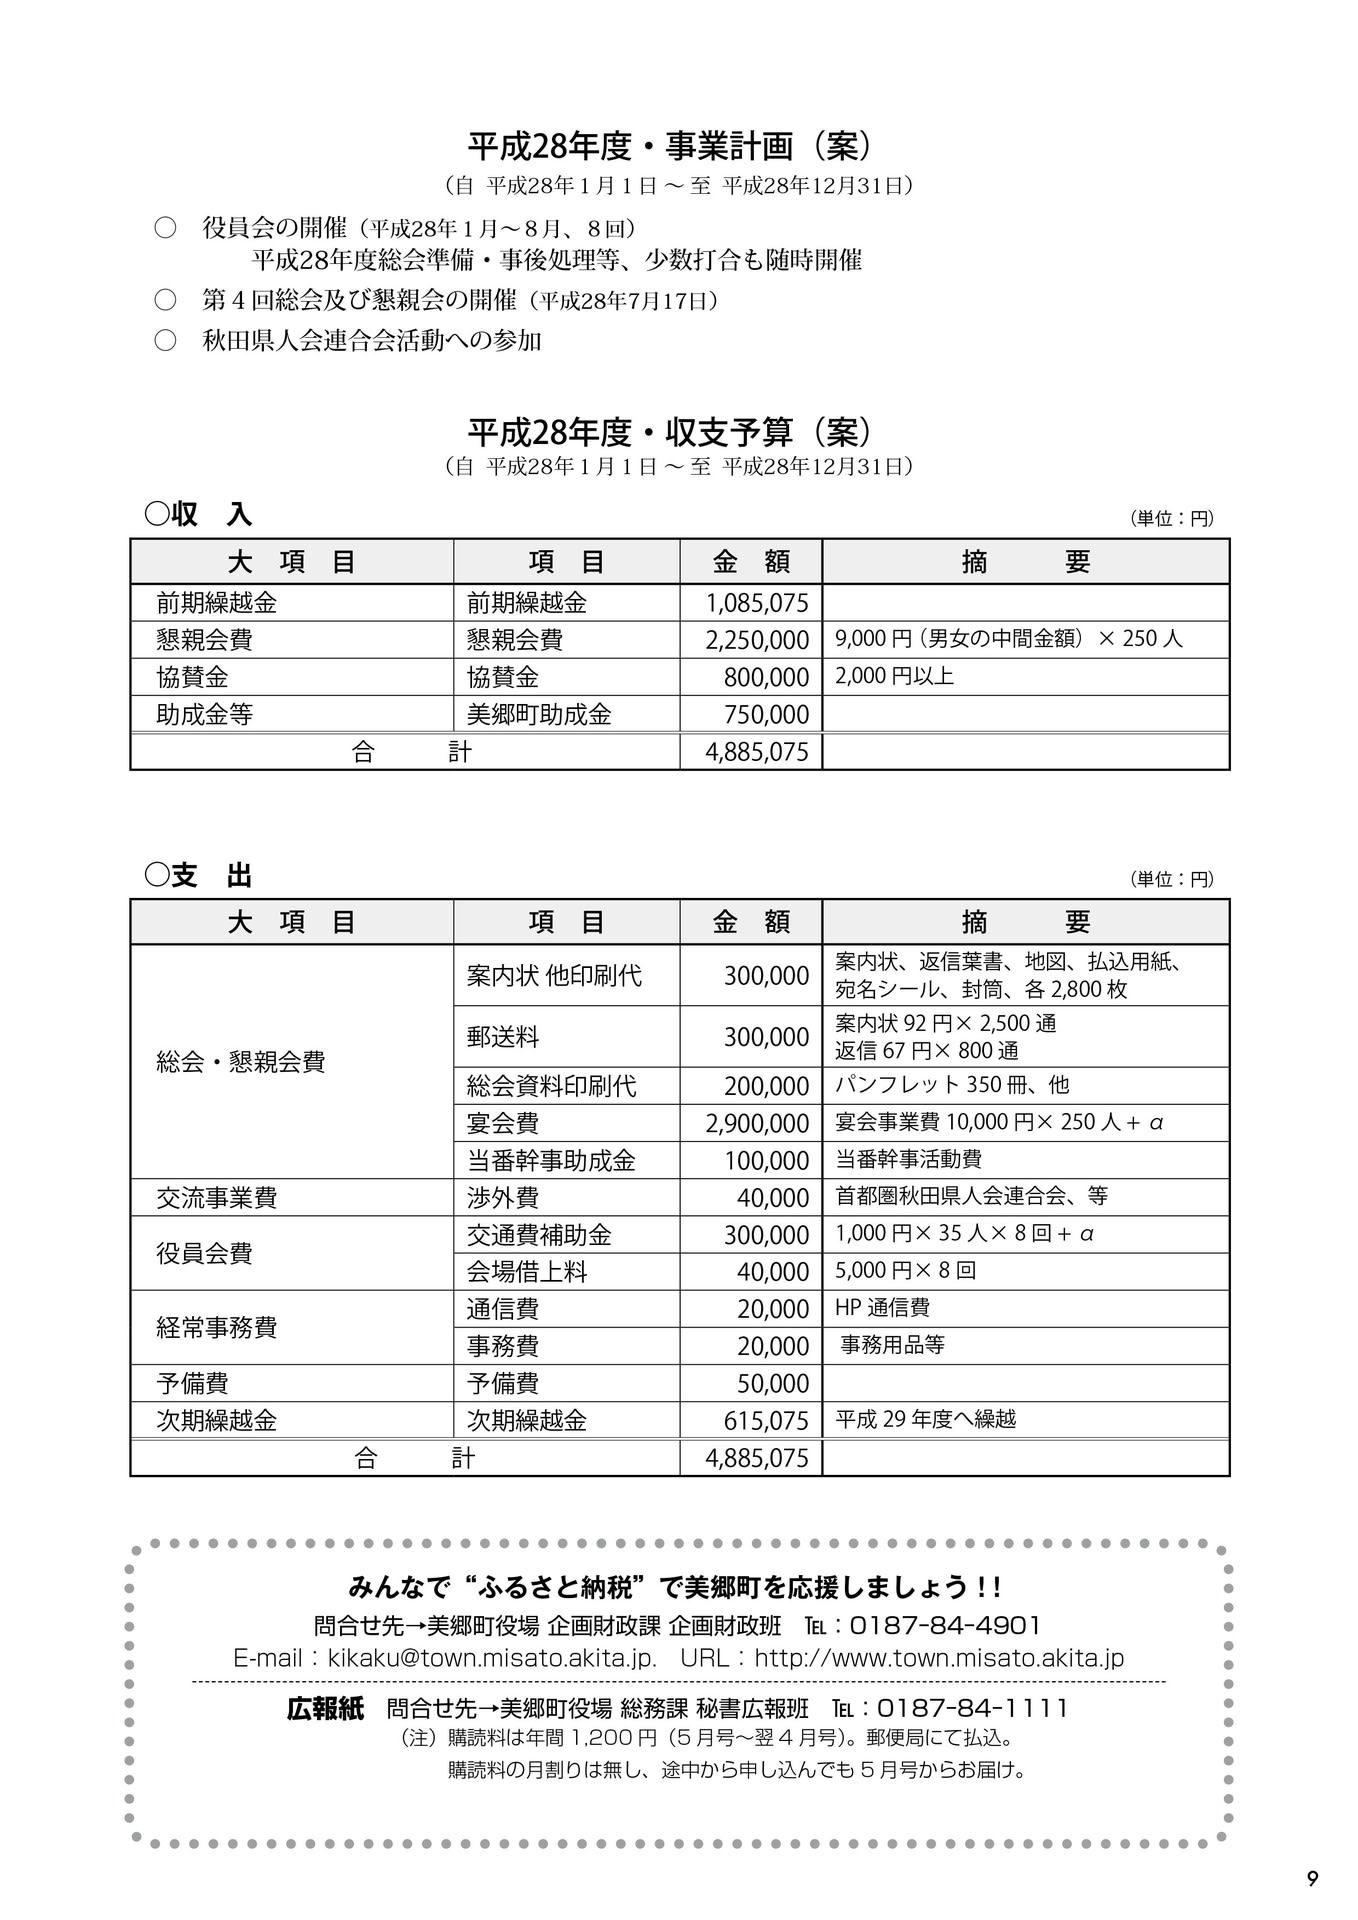 第4回秋田・美郷町ふるさと会パンフレット(事業計画(案)、収支予算(案))